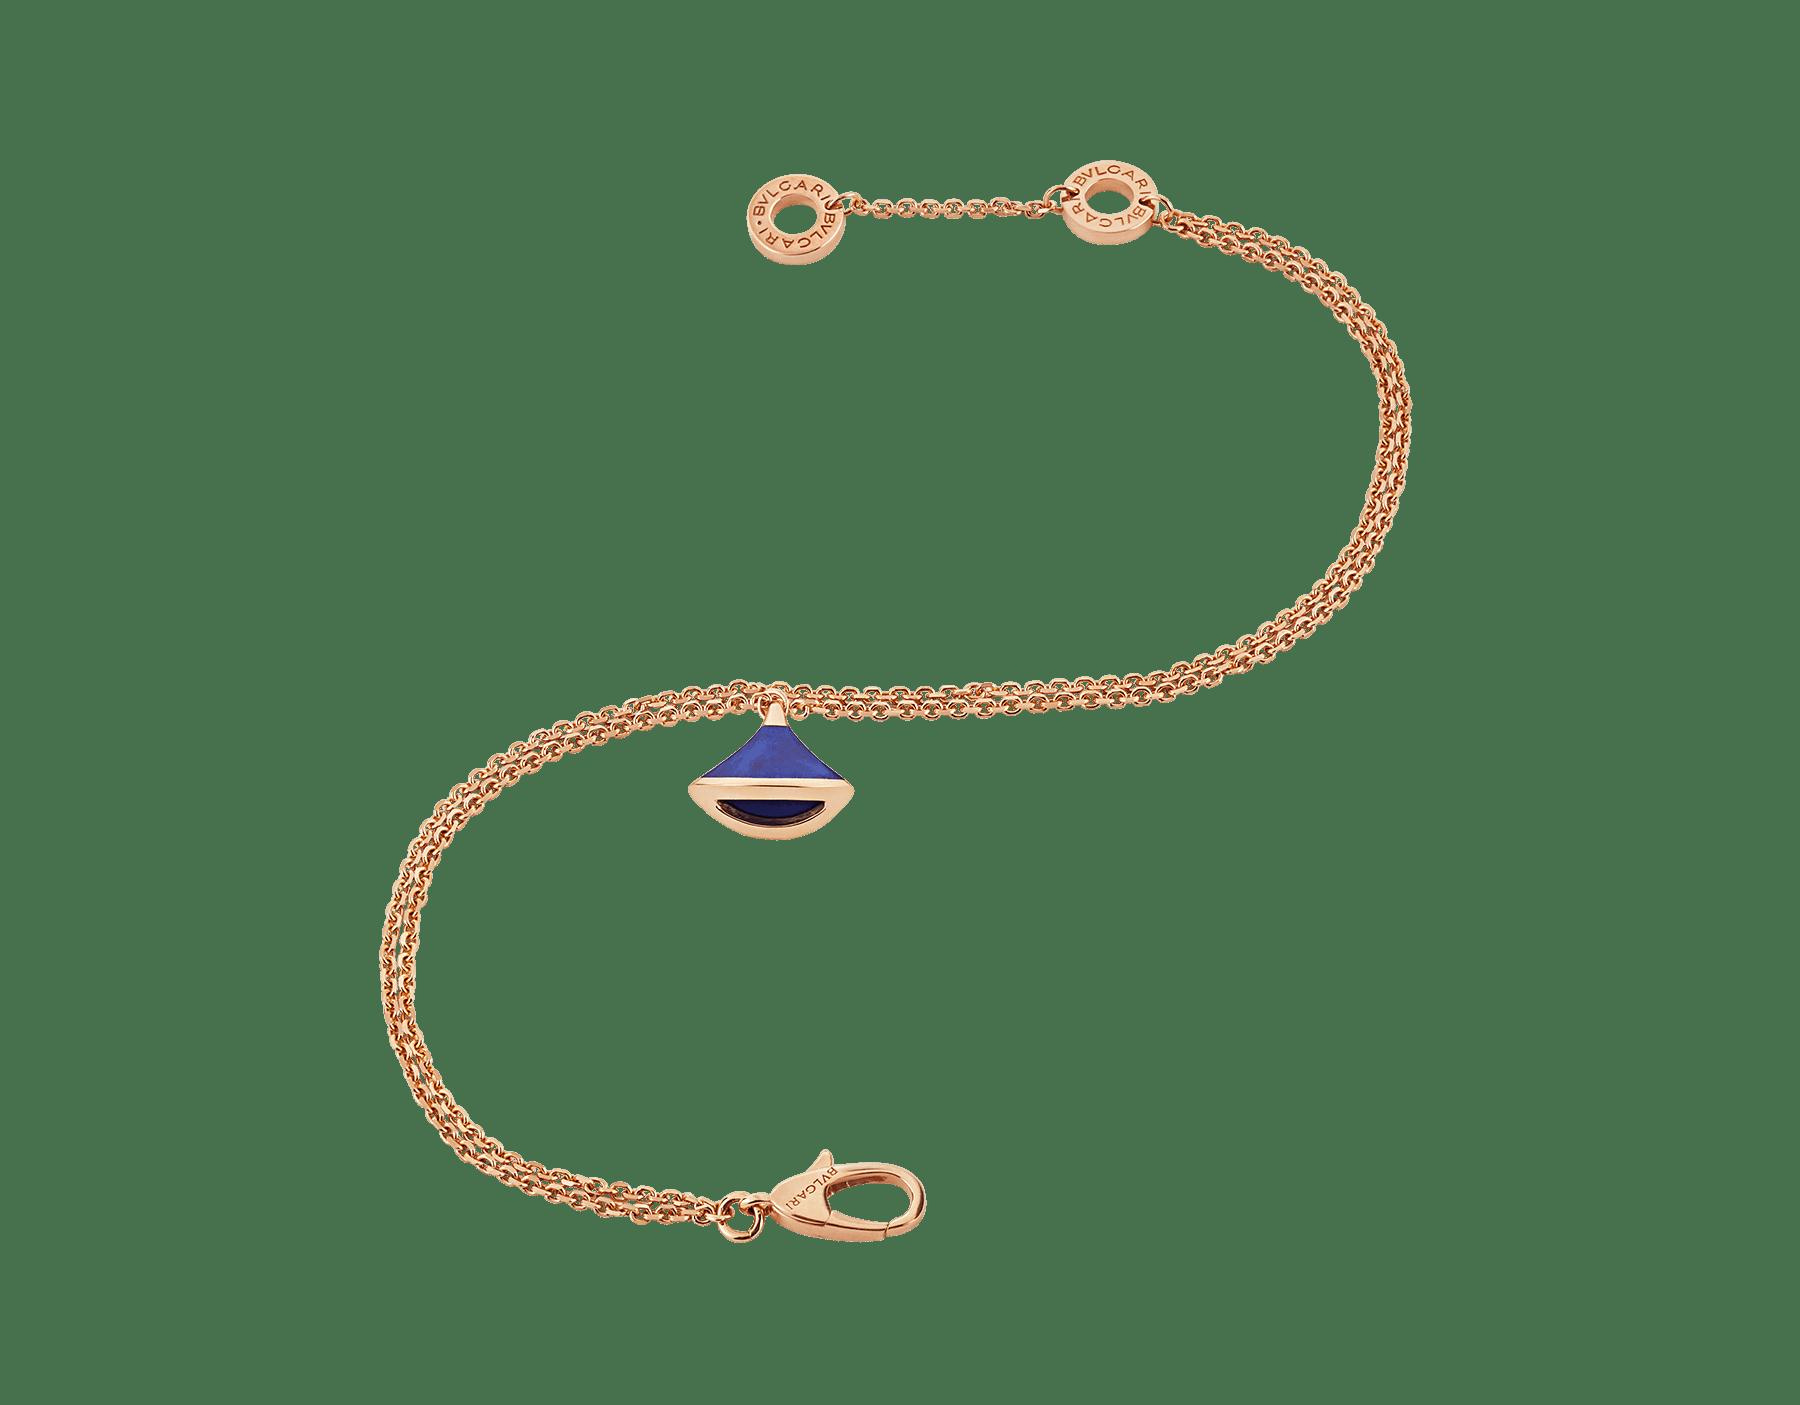 Pulsera DIVAS' DREAM en oro rosa de 18 qt y charm con lapislázuli. BR857290 image 2